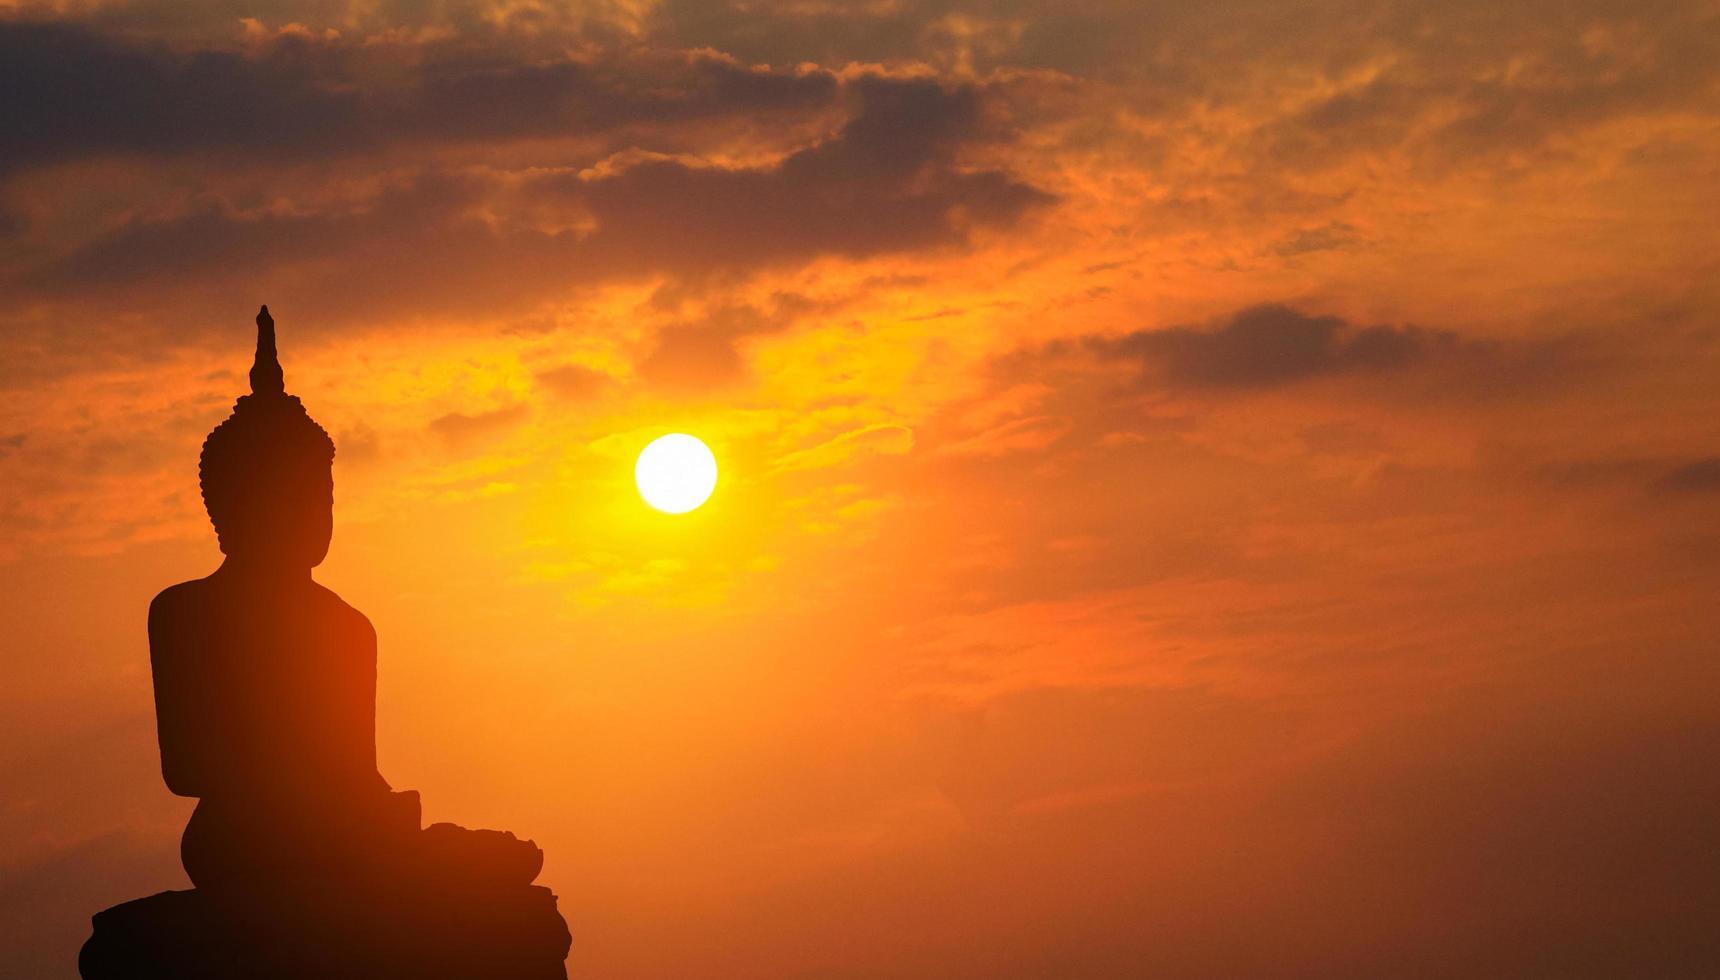 silhouette de la statue de Bouddha au coucher du soleil photo